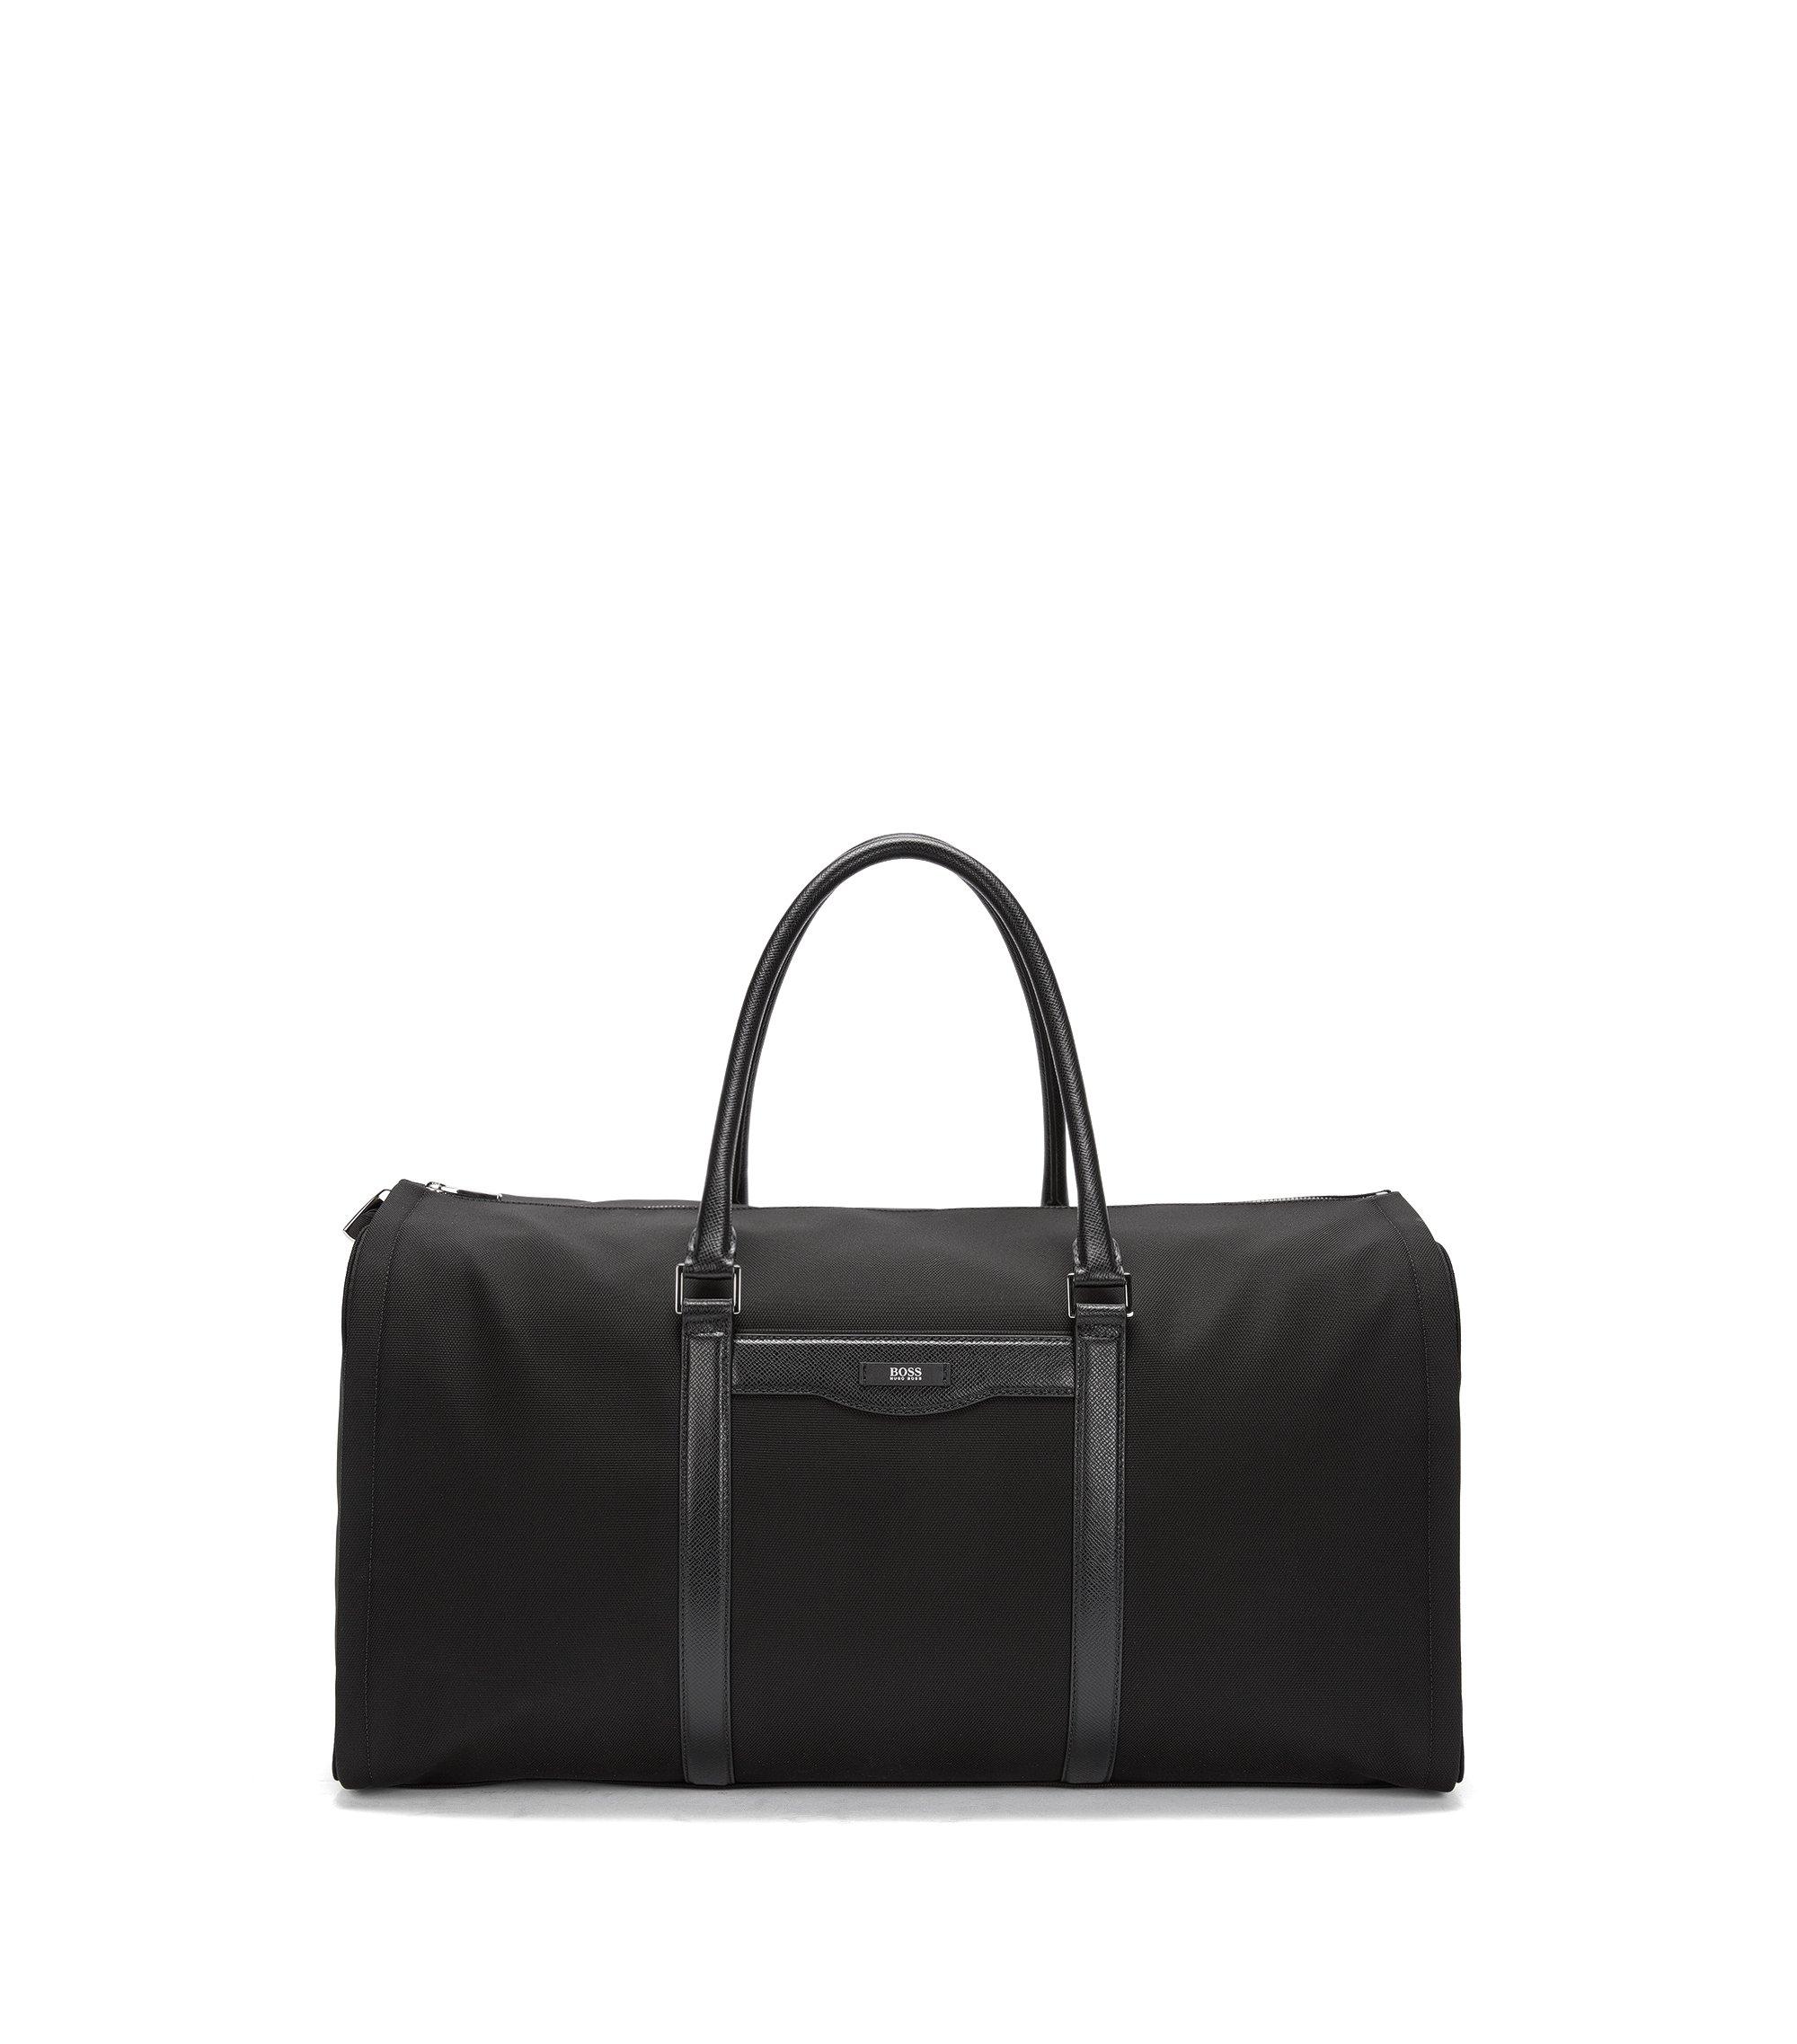 Nylon & Leather Travel Bag | Signature L Trav Bag, Black